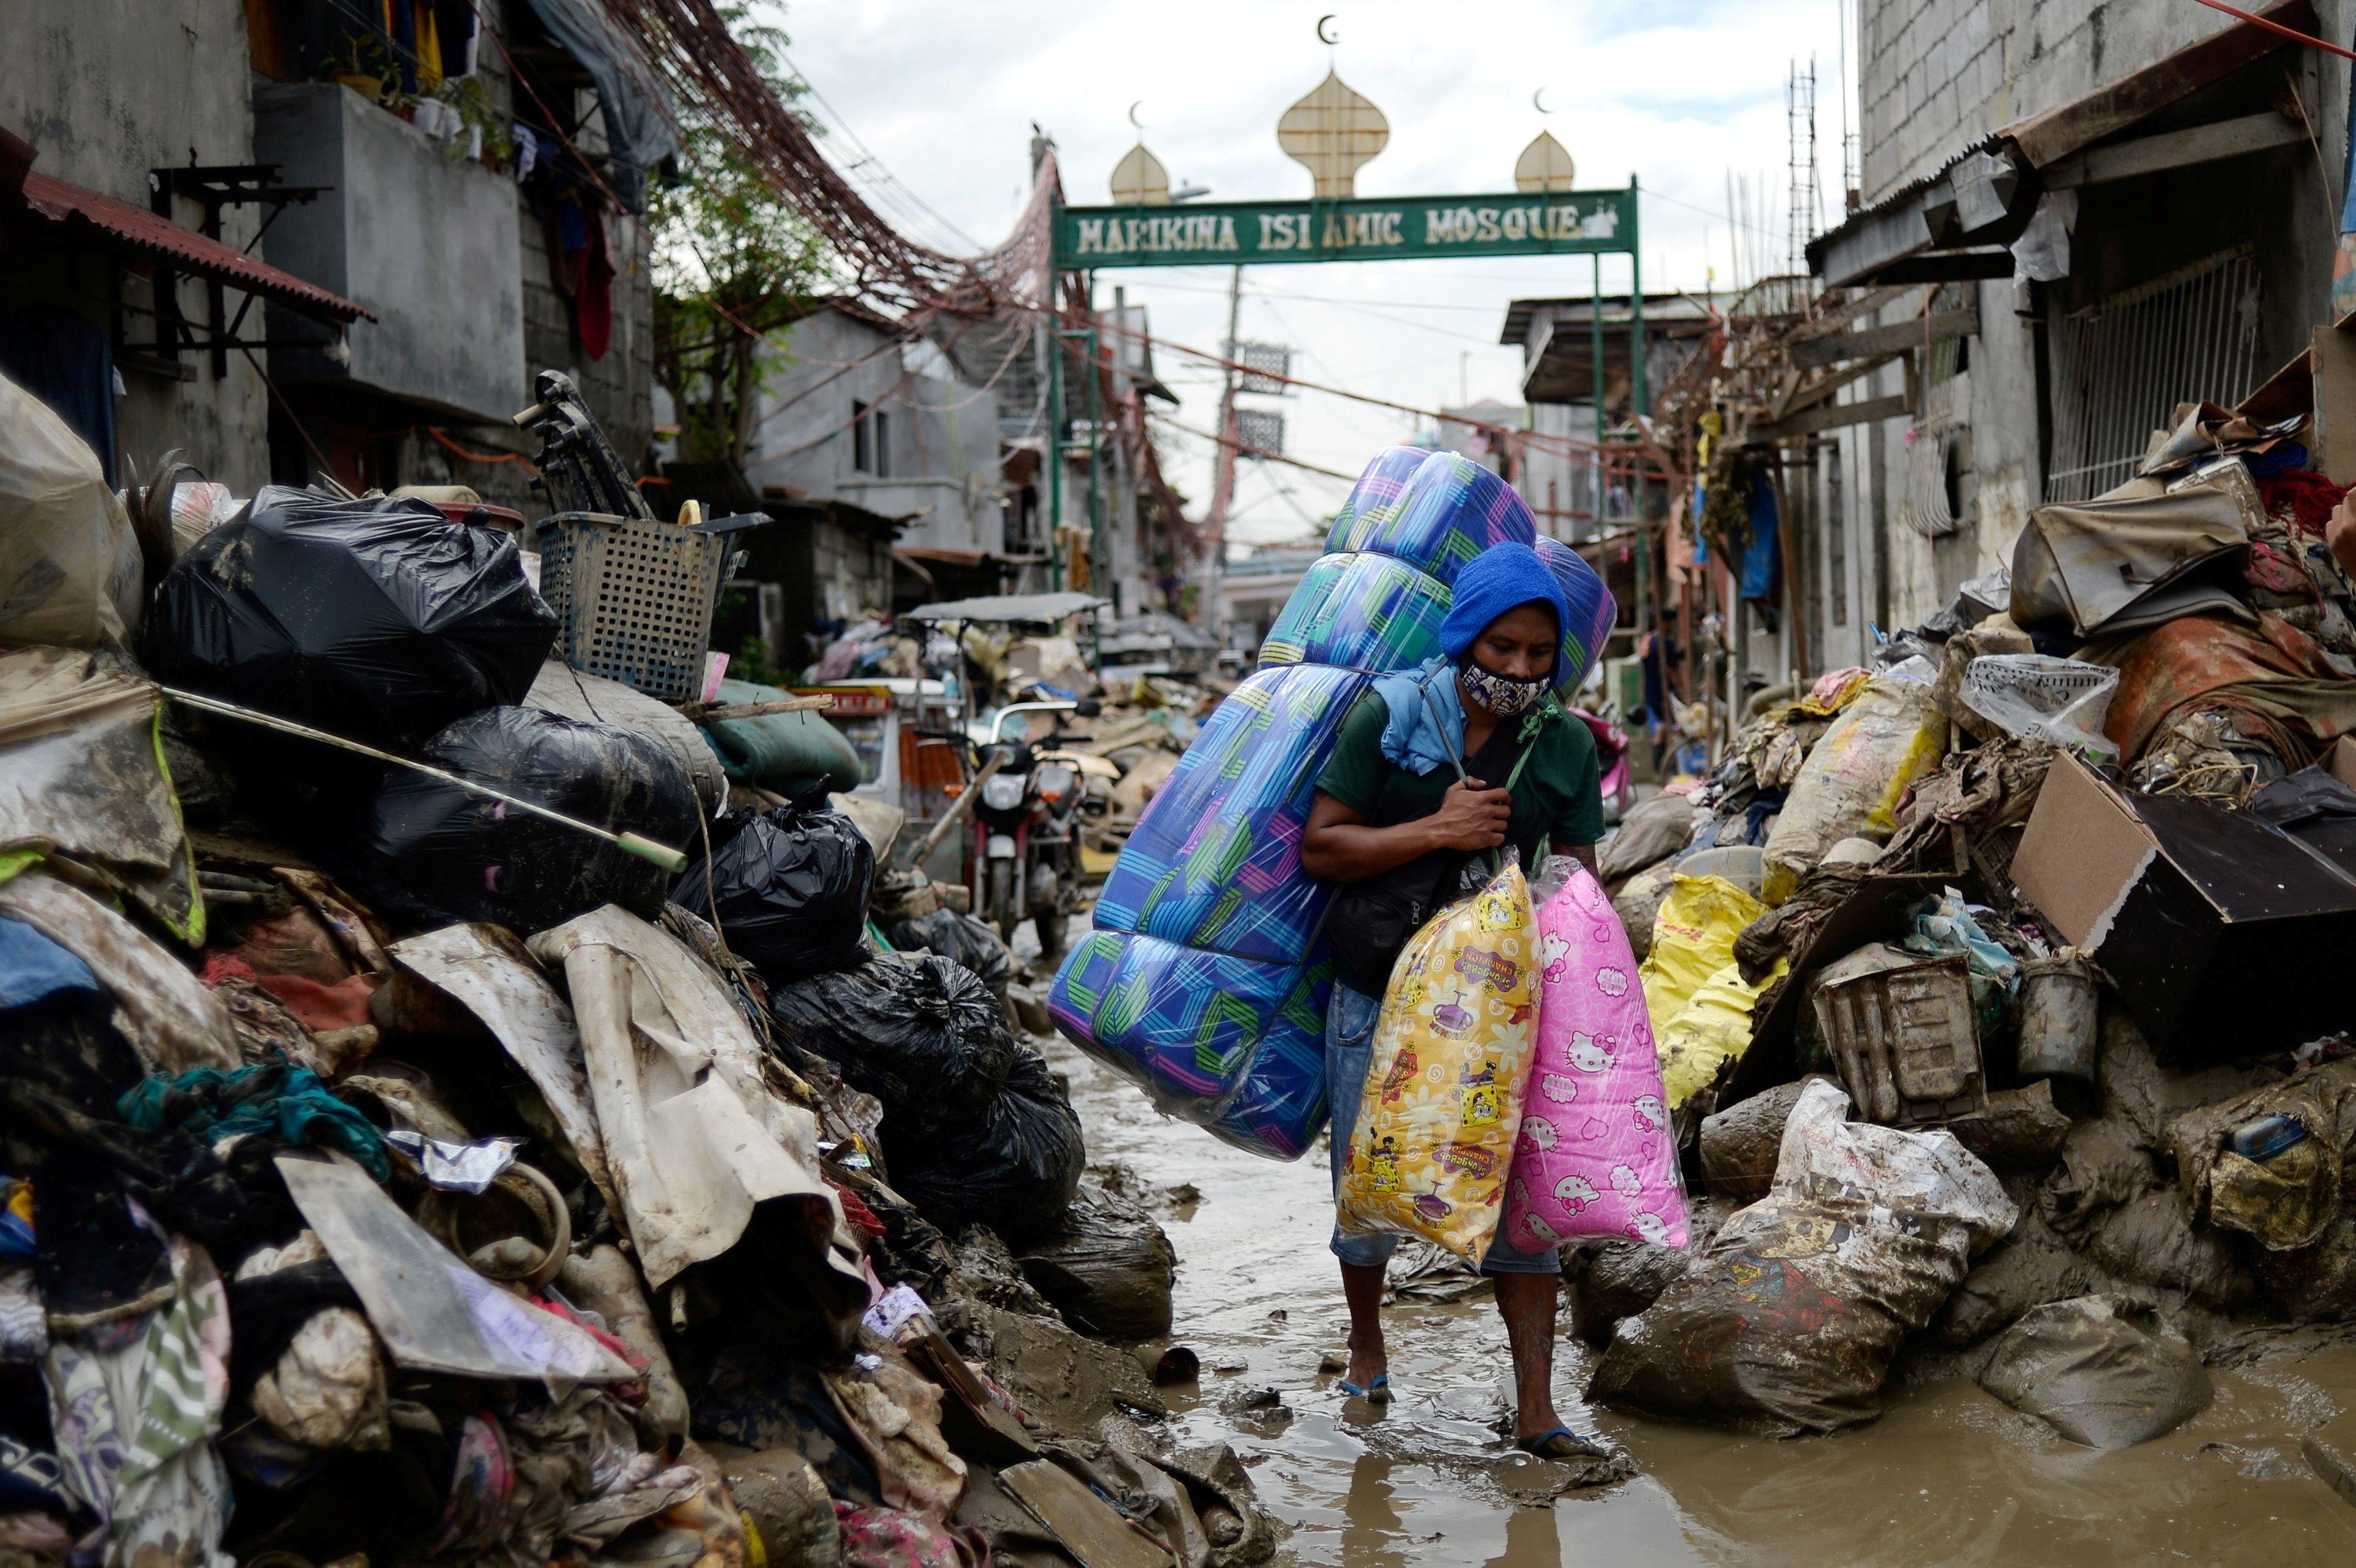 poverty coronavirus covid 19 extreme hunger famine homeless water sanitation poor poorer pandemic sdgs  global goals funding finance banks bank